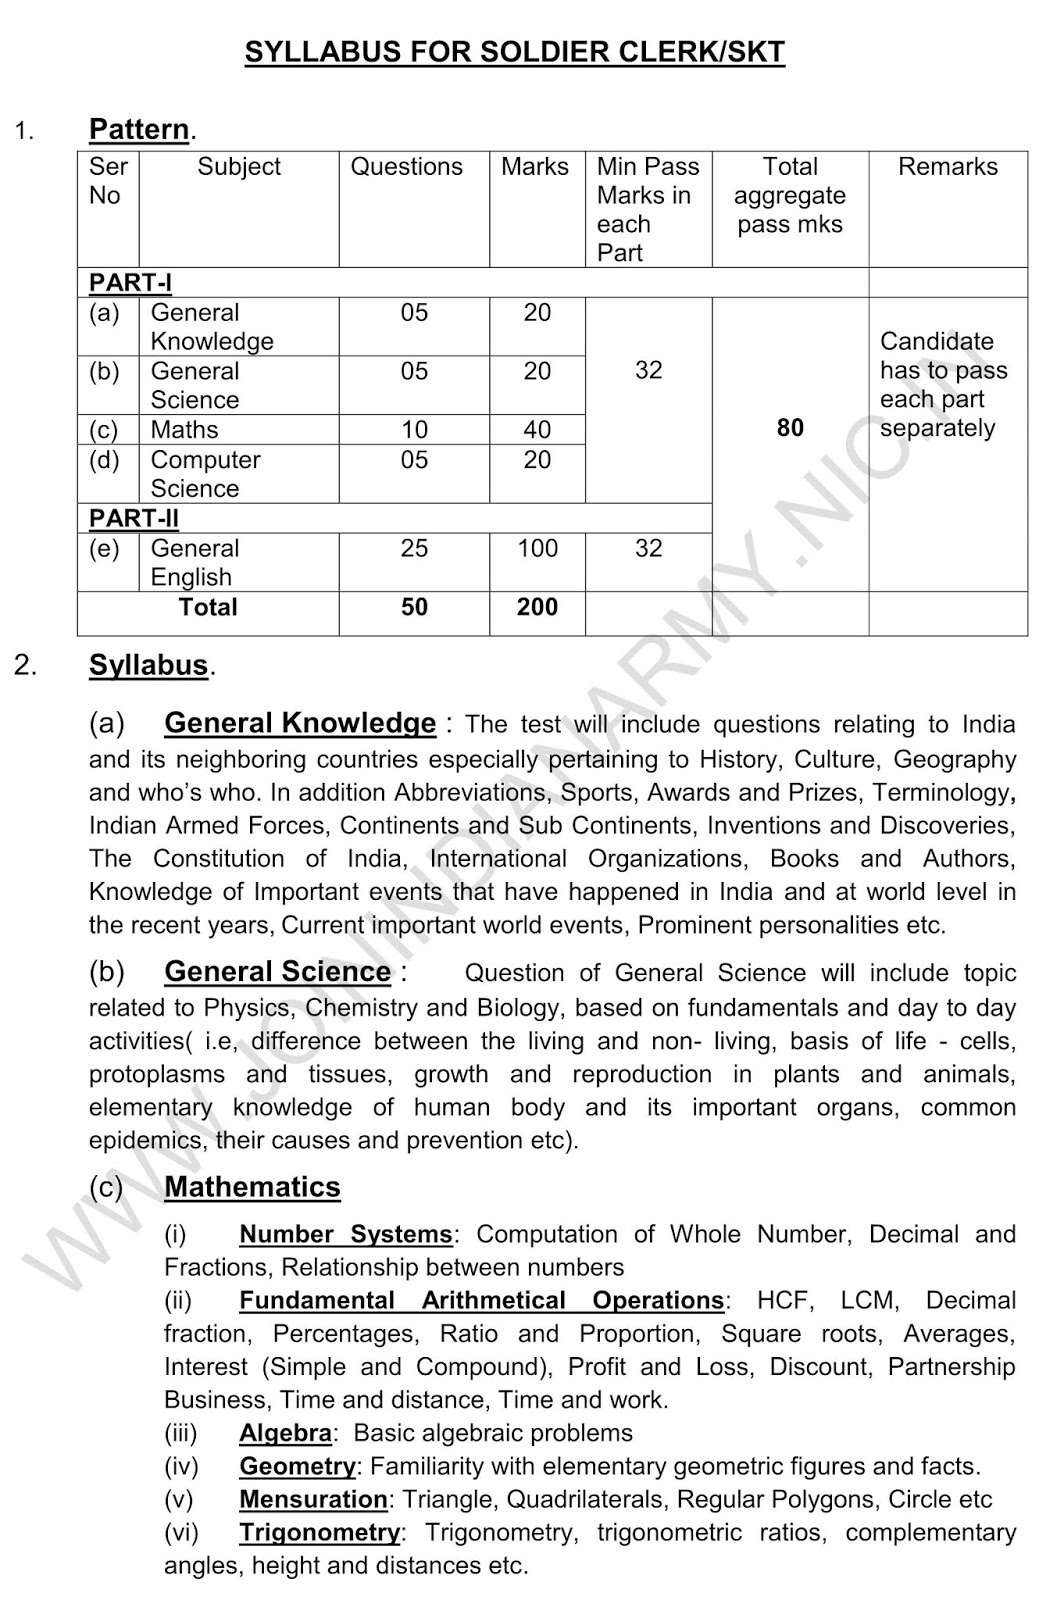 army clerk syllabus 2019 pdf download in hindi